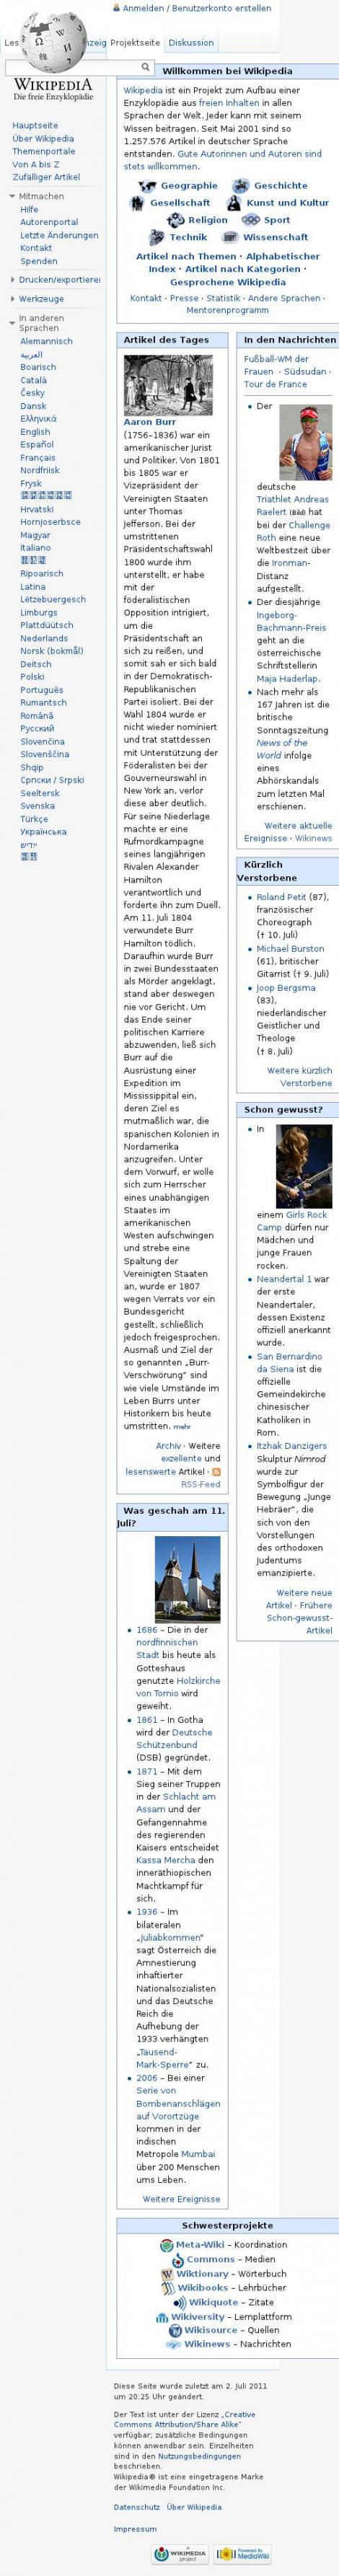 wildwestfilme in deutscher sprache